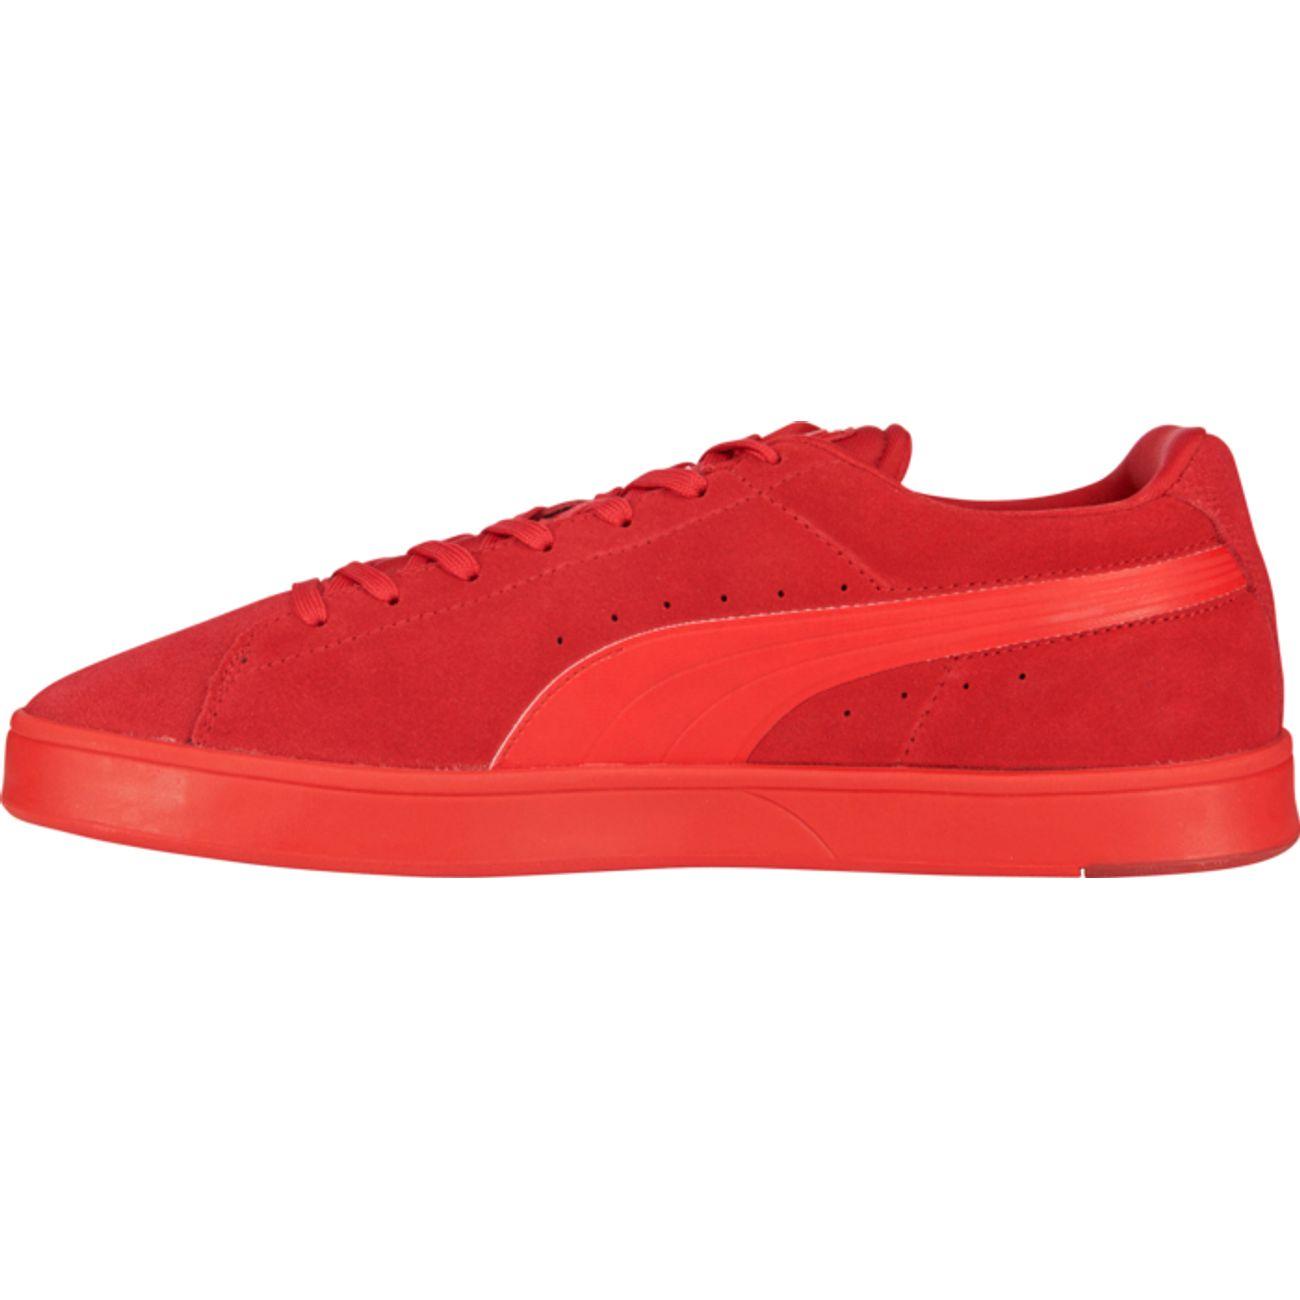 Homme Multisport S Suede Chaussures Puma rxotsChdQB